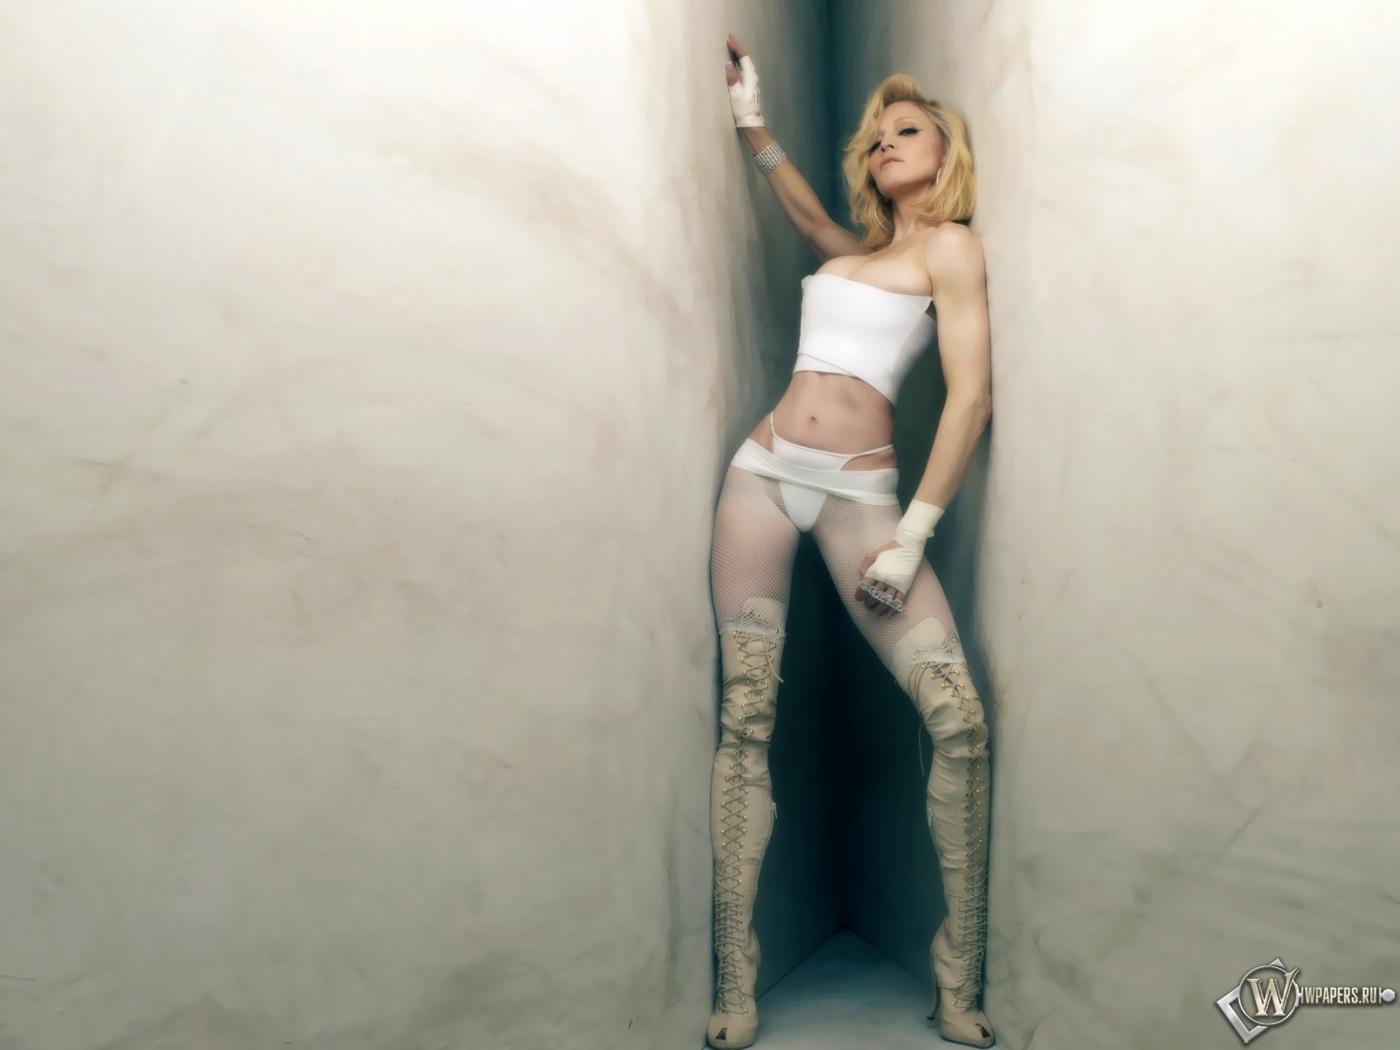 Смотреть фото бесплатно голые девушки звезды и певицы 9 фотография